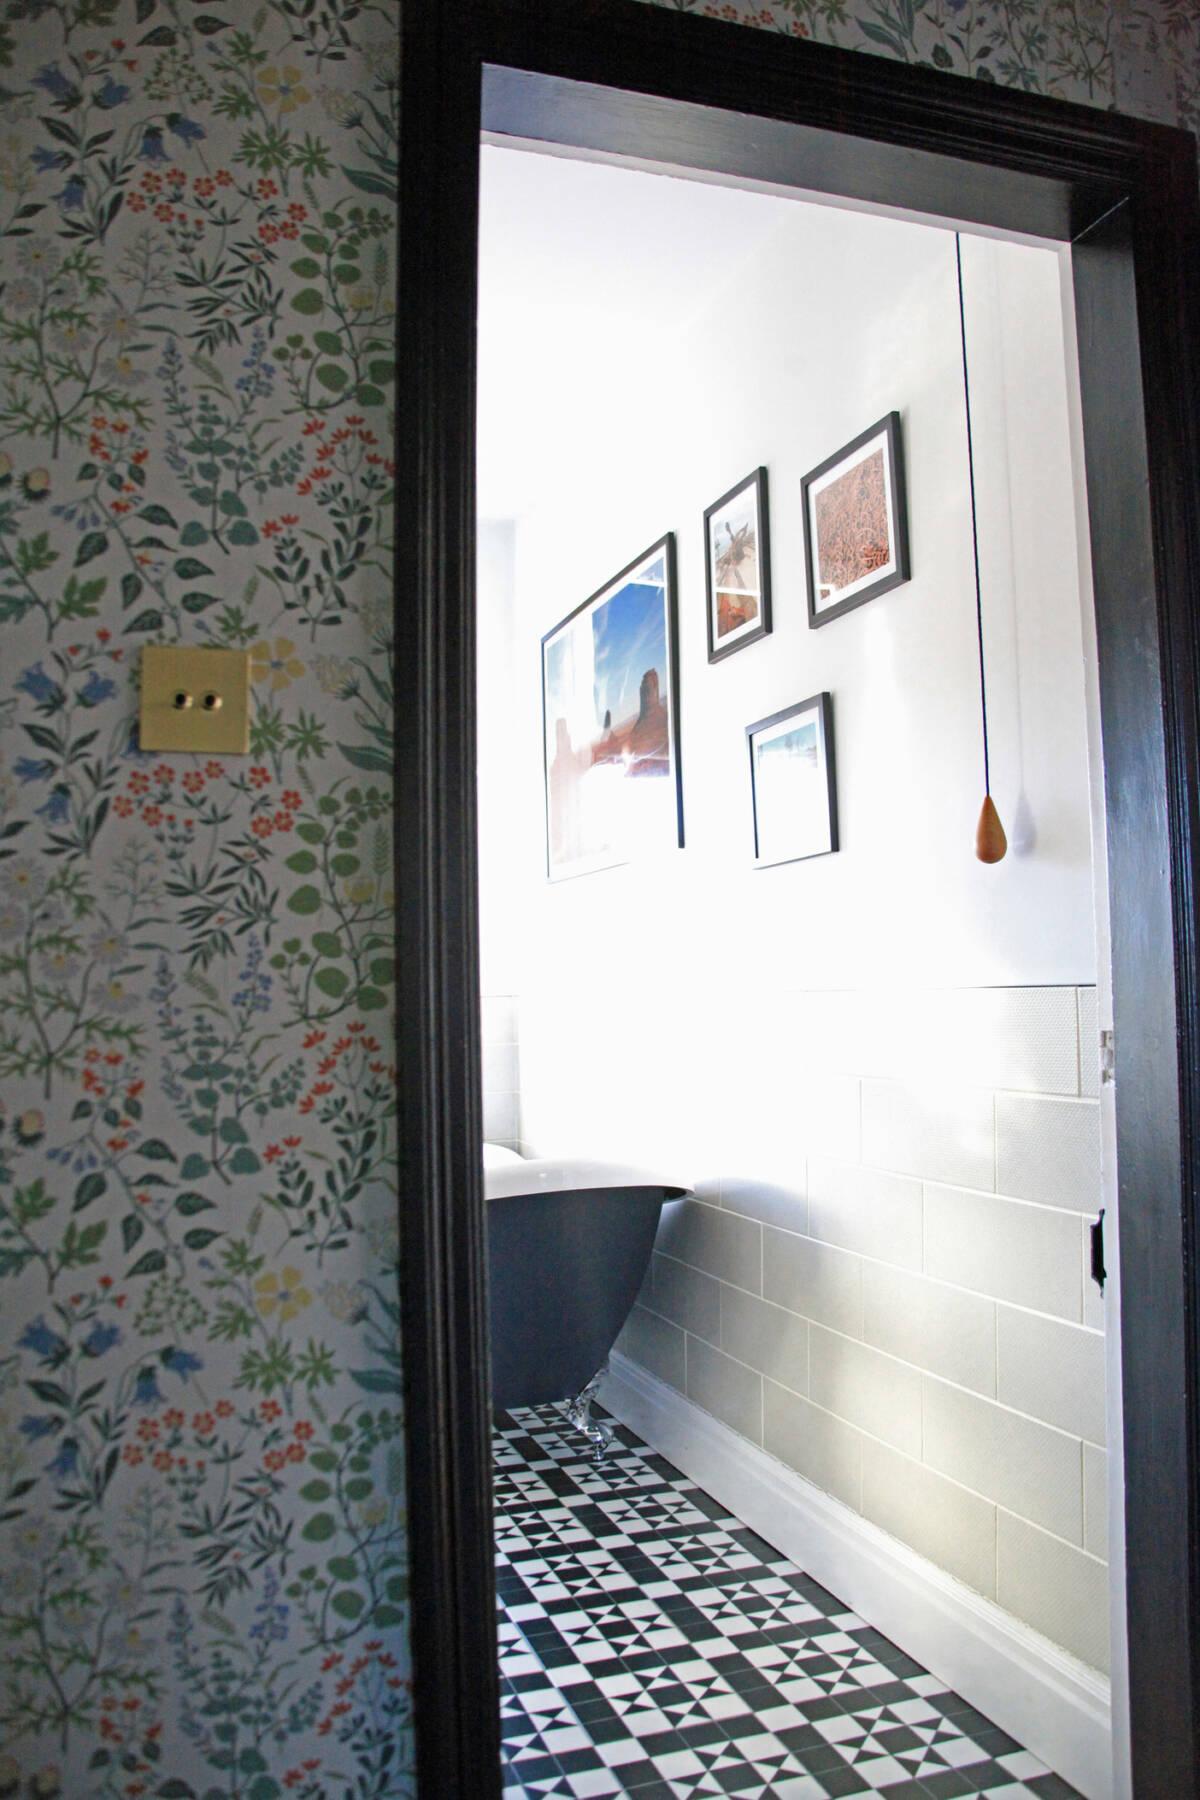 open door leading in to a bathroom